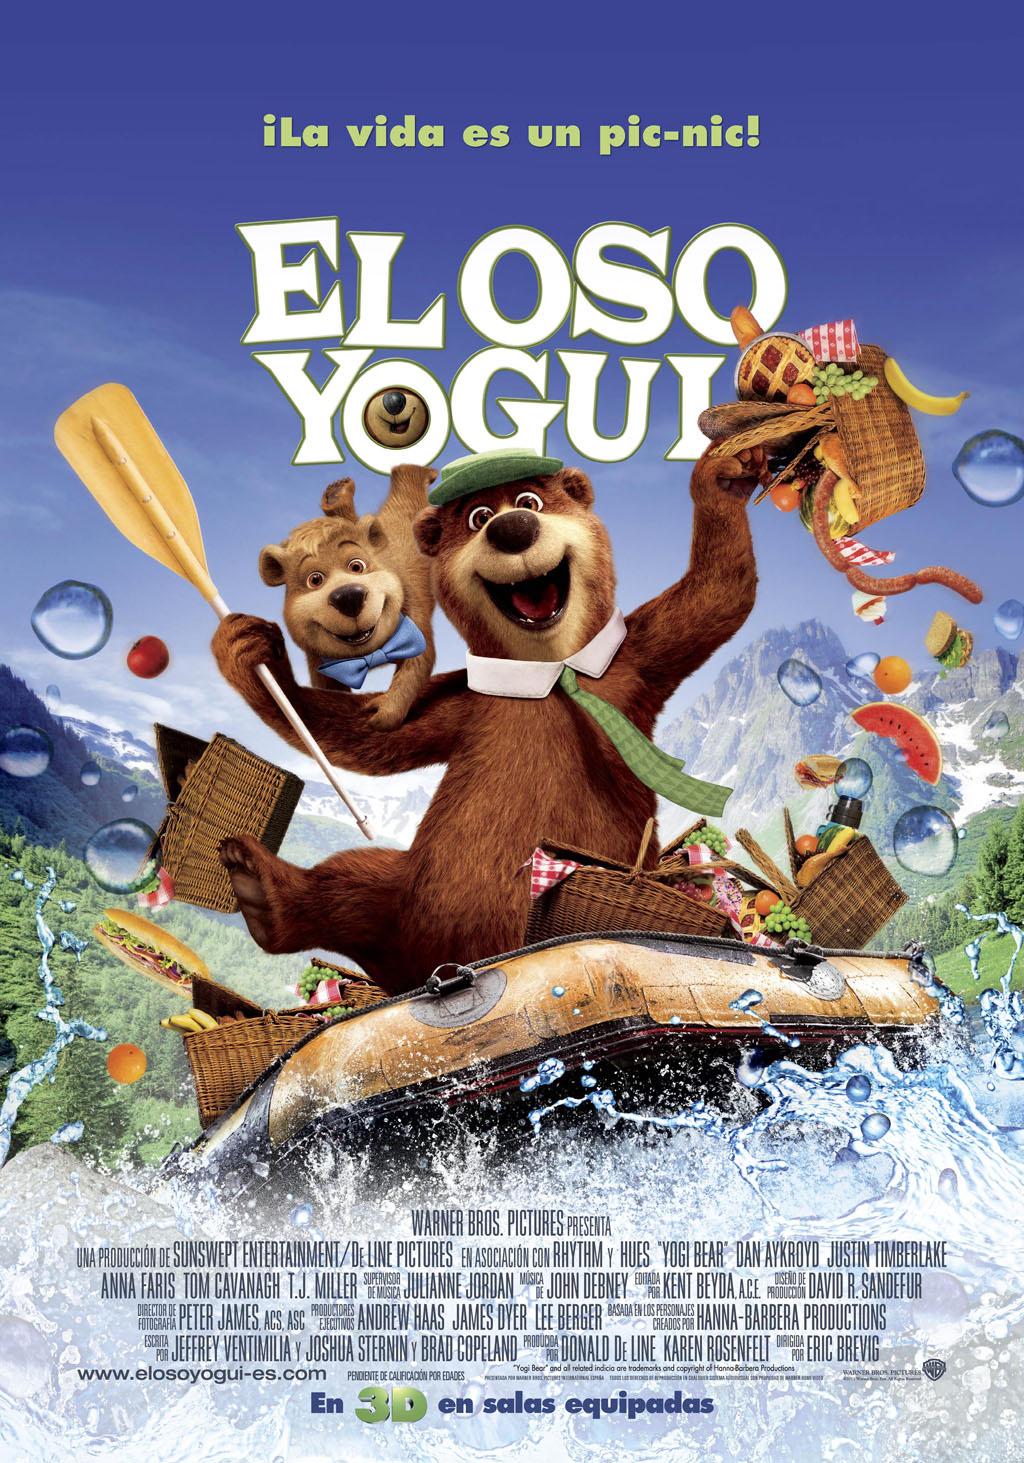 Artwork of Yogi Bear